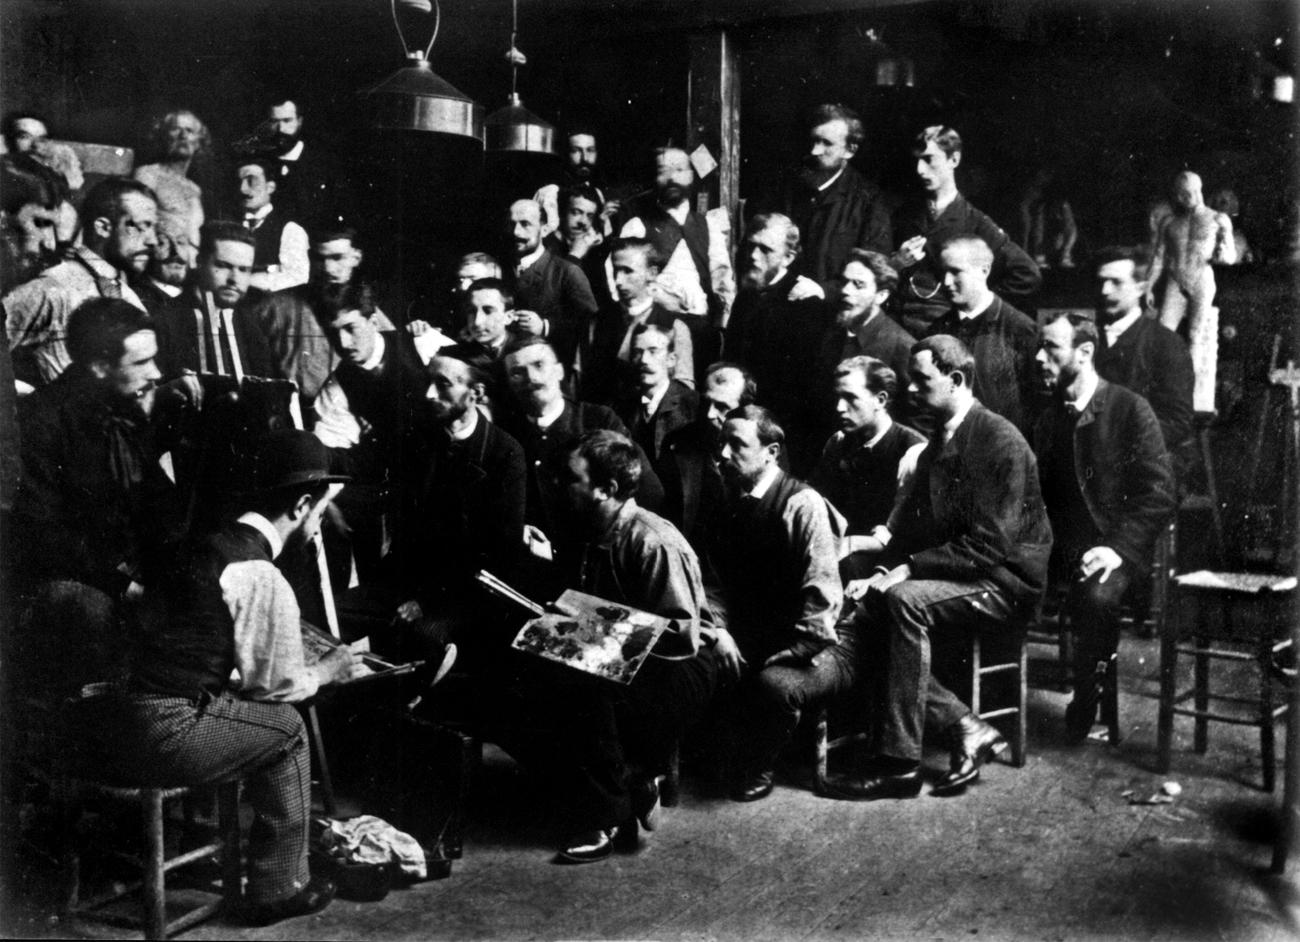 Ателье Фернана Кормона (ок. 1885). С палитрой в руке — Фернан Кормон, в котелке спиной к камере — Анри де Тулуз-Лотрек, в правом верхнем углу — Эмиль Бернар